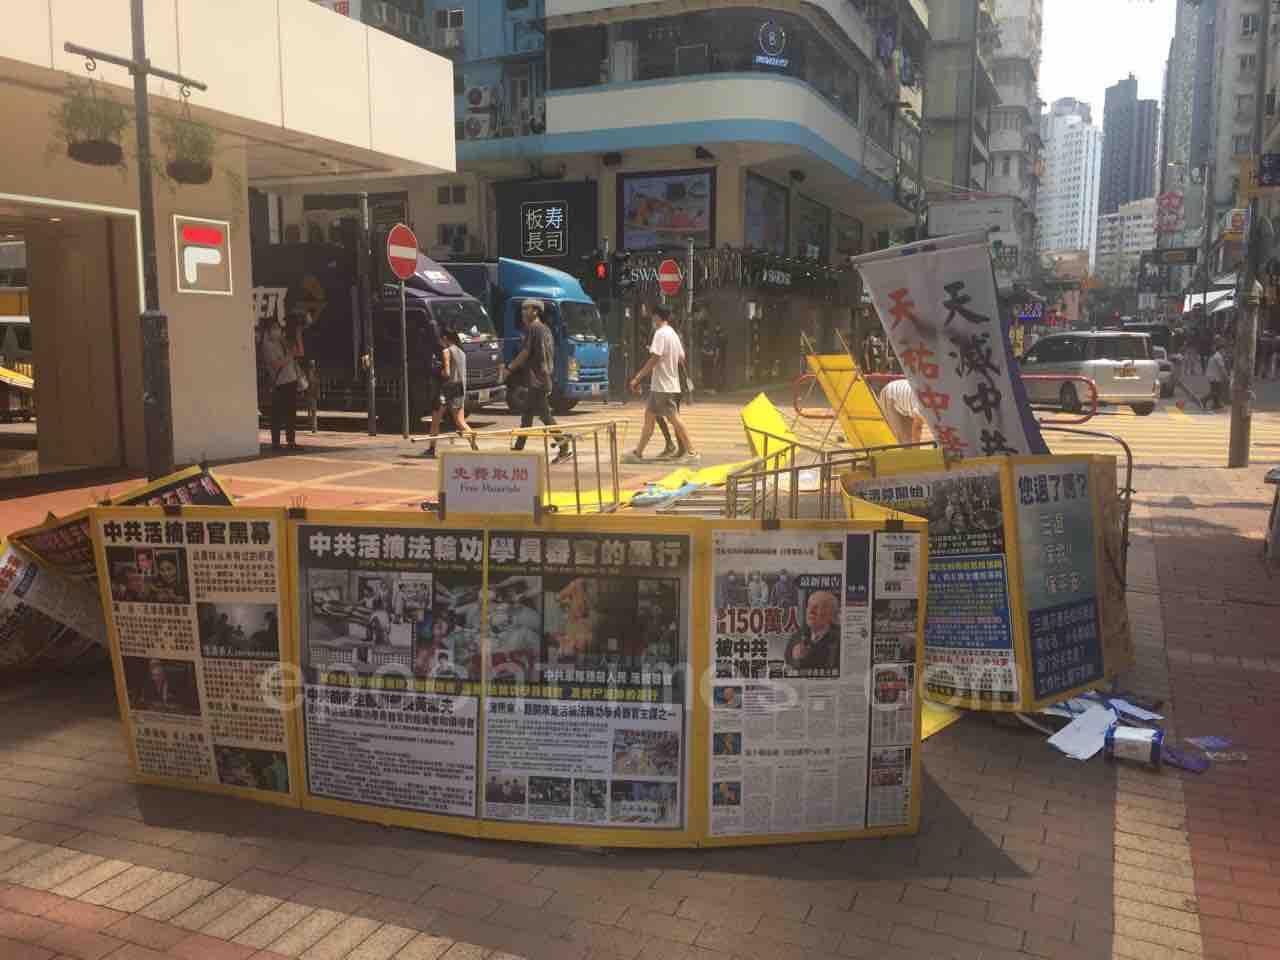 近來,香港法輪功真相點頻繁遭親共者破壞騷擾。(英格/大紀元)